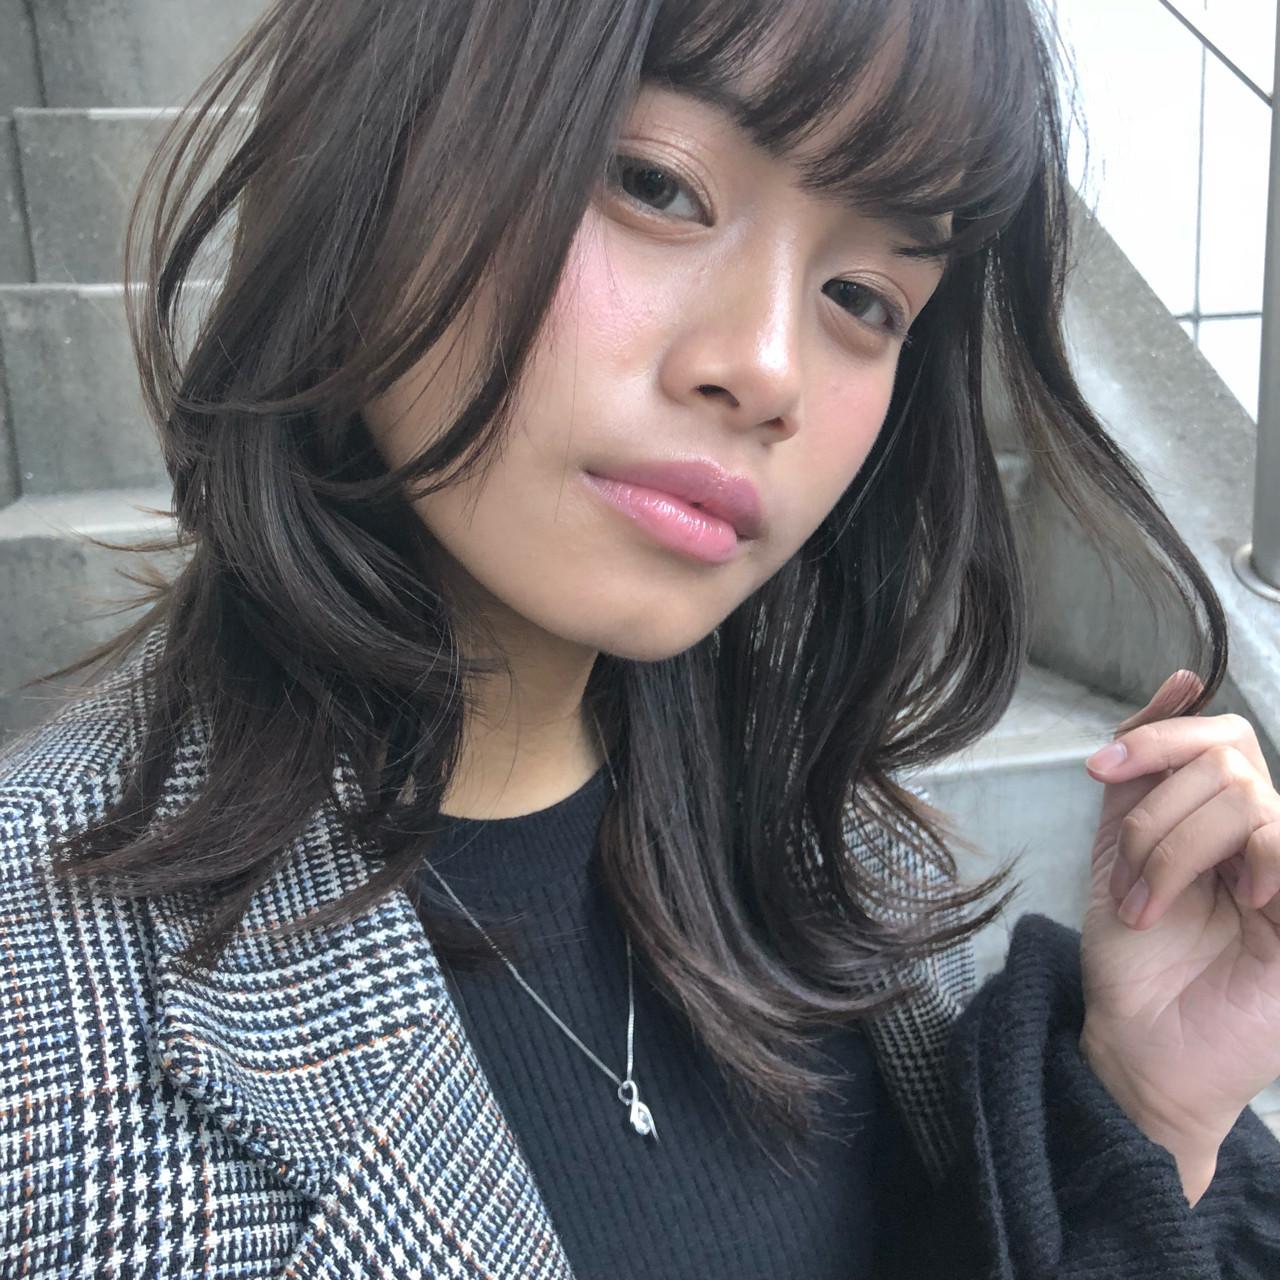 レイヤーをプラス☆重軽自在のミディヘア kanasaki konomi